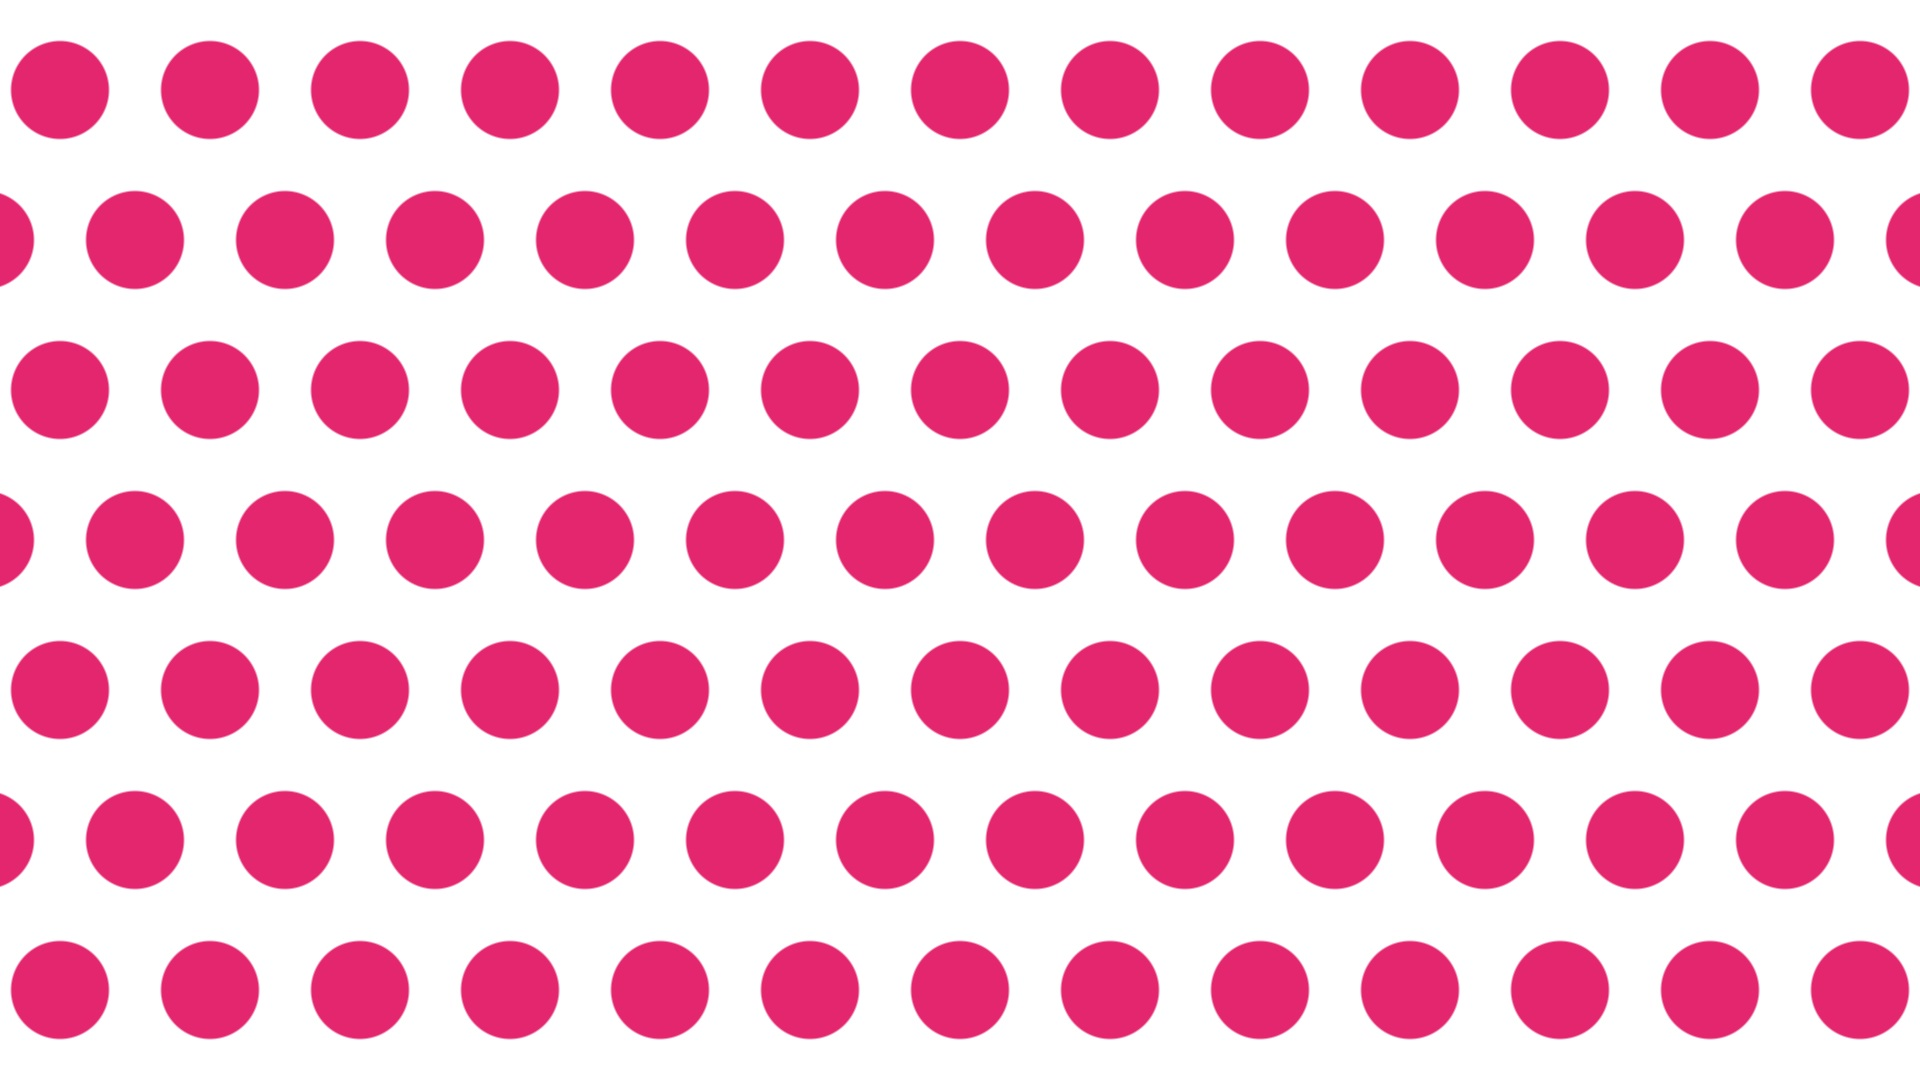 大きい赤いドット背景。1920×1080